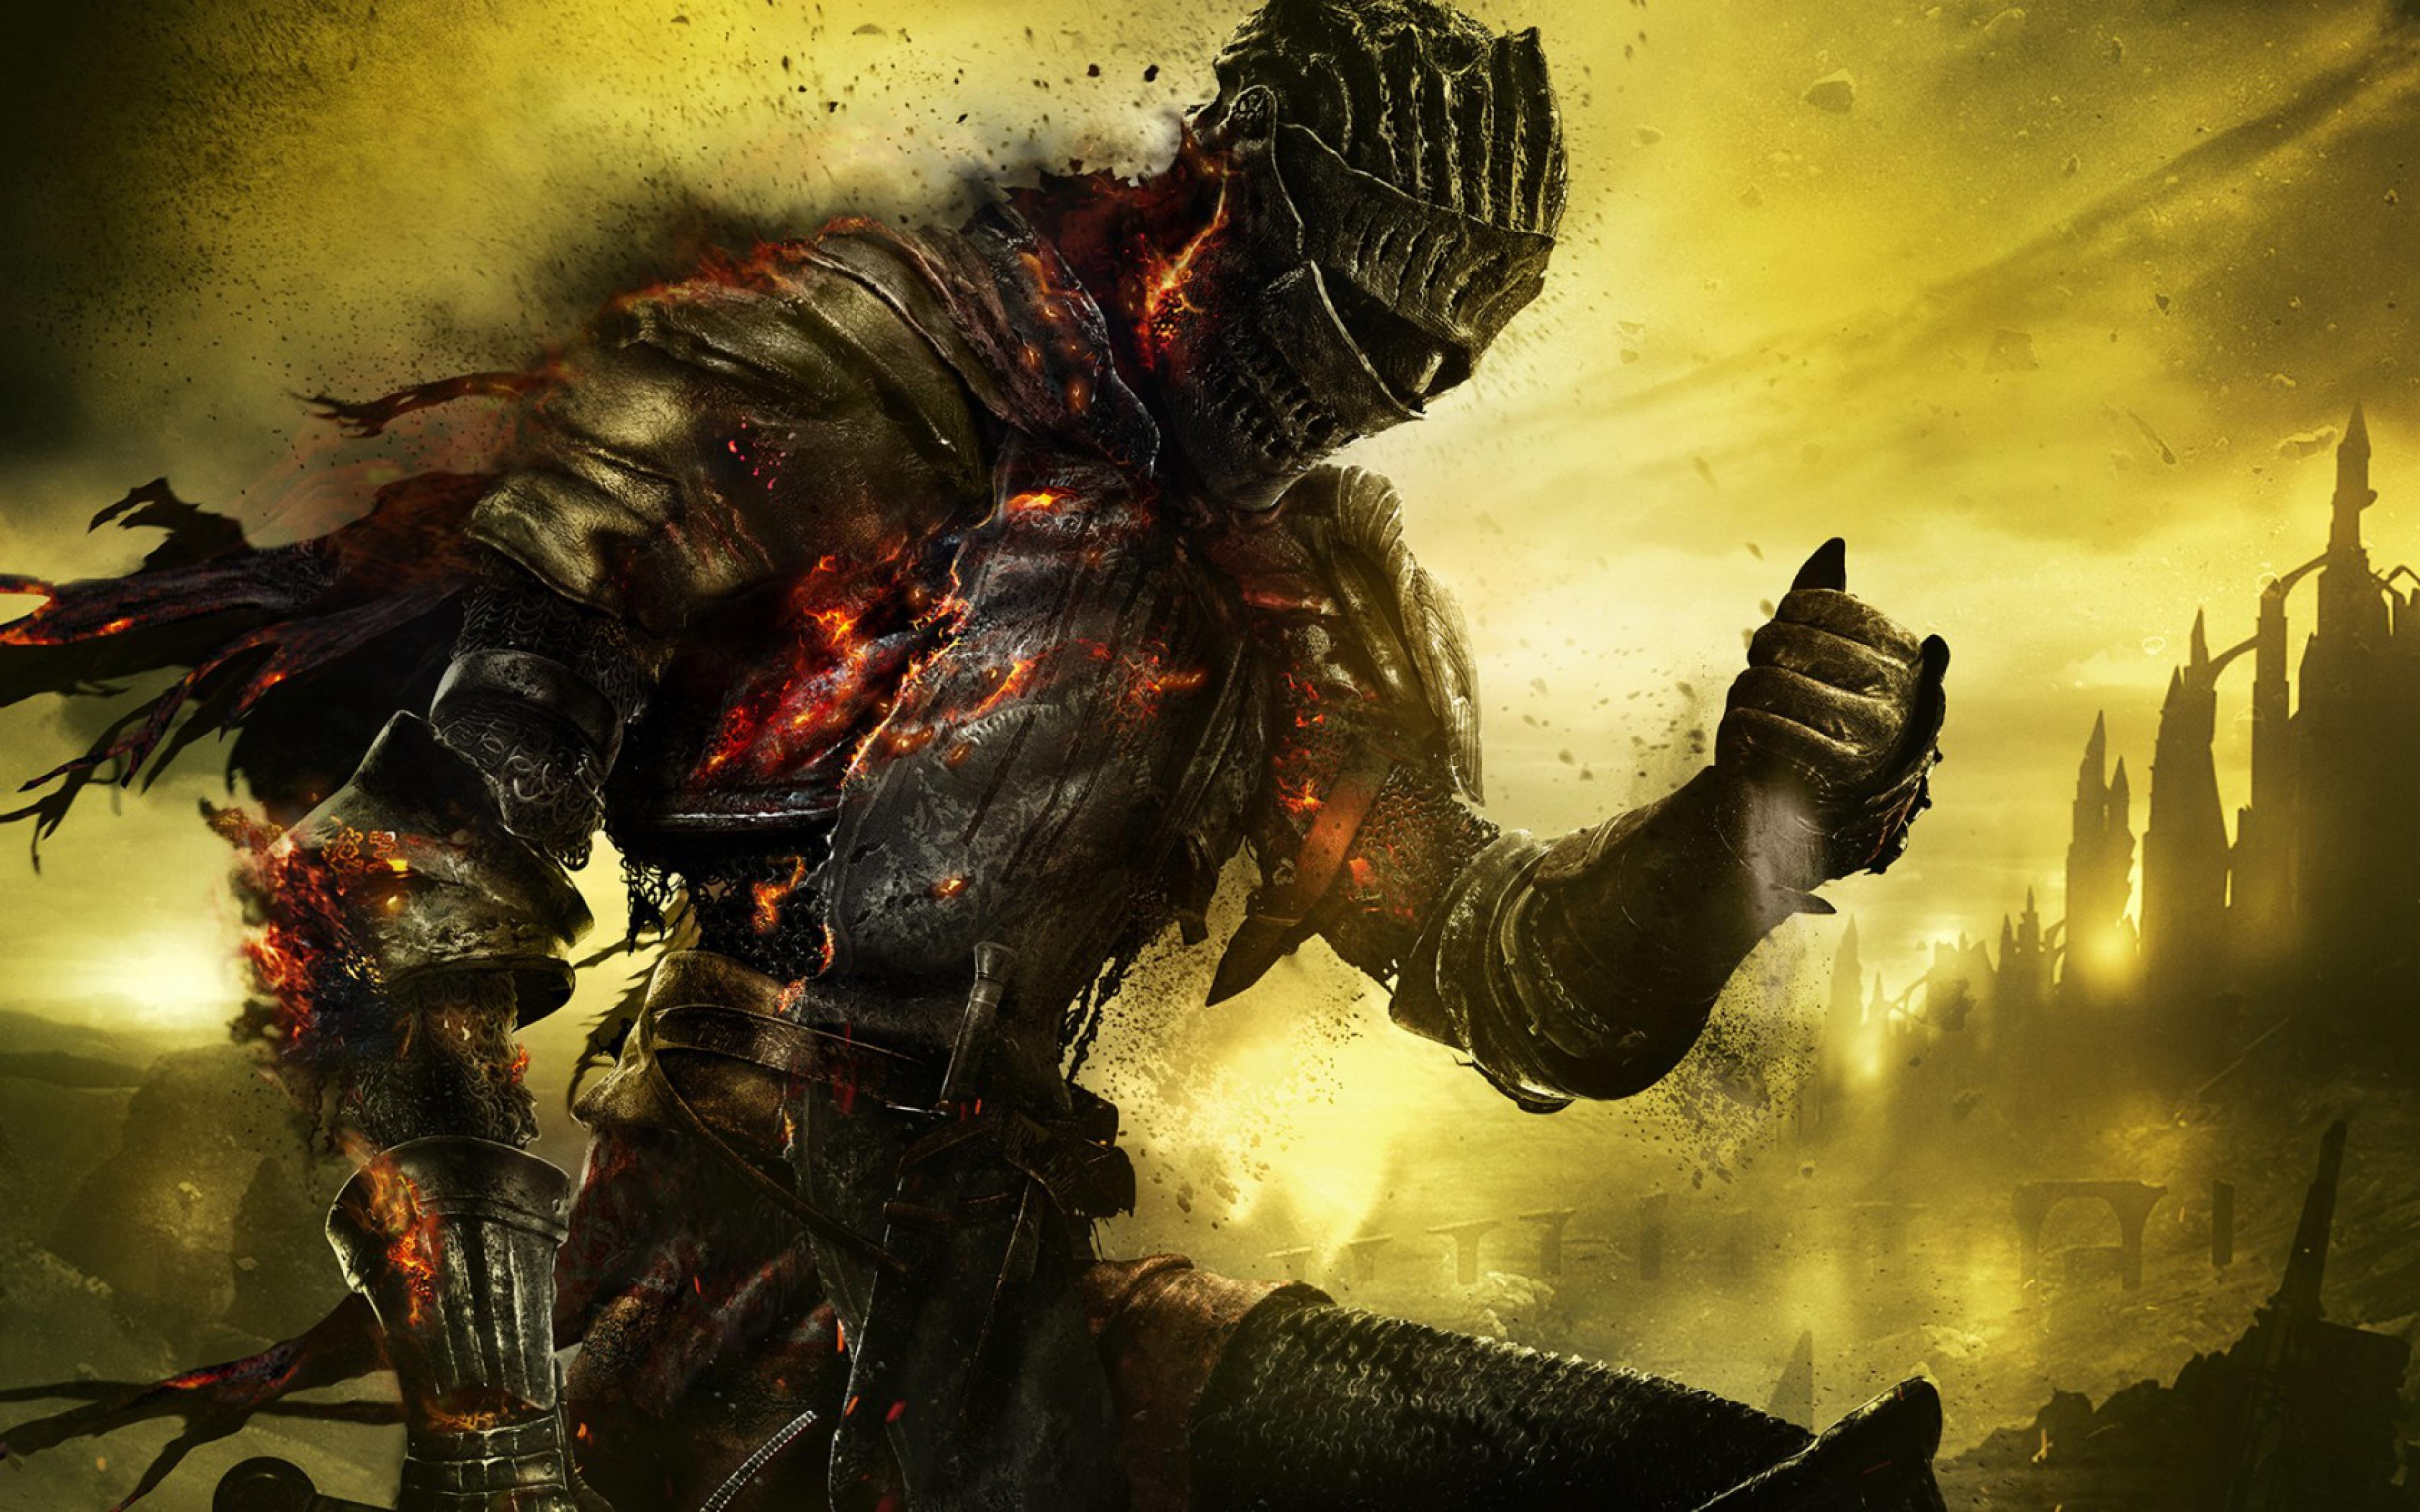 Dark Souls 3 iii Dark Souls 3 Armor Burning Fire Ash Art 3840x2400